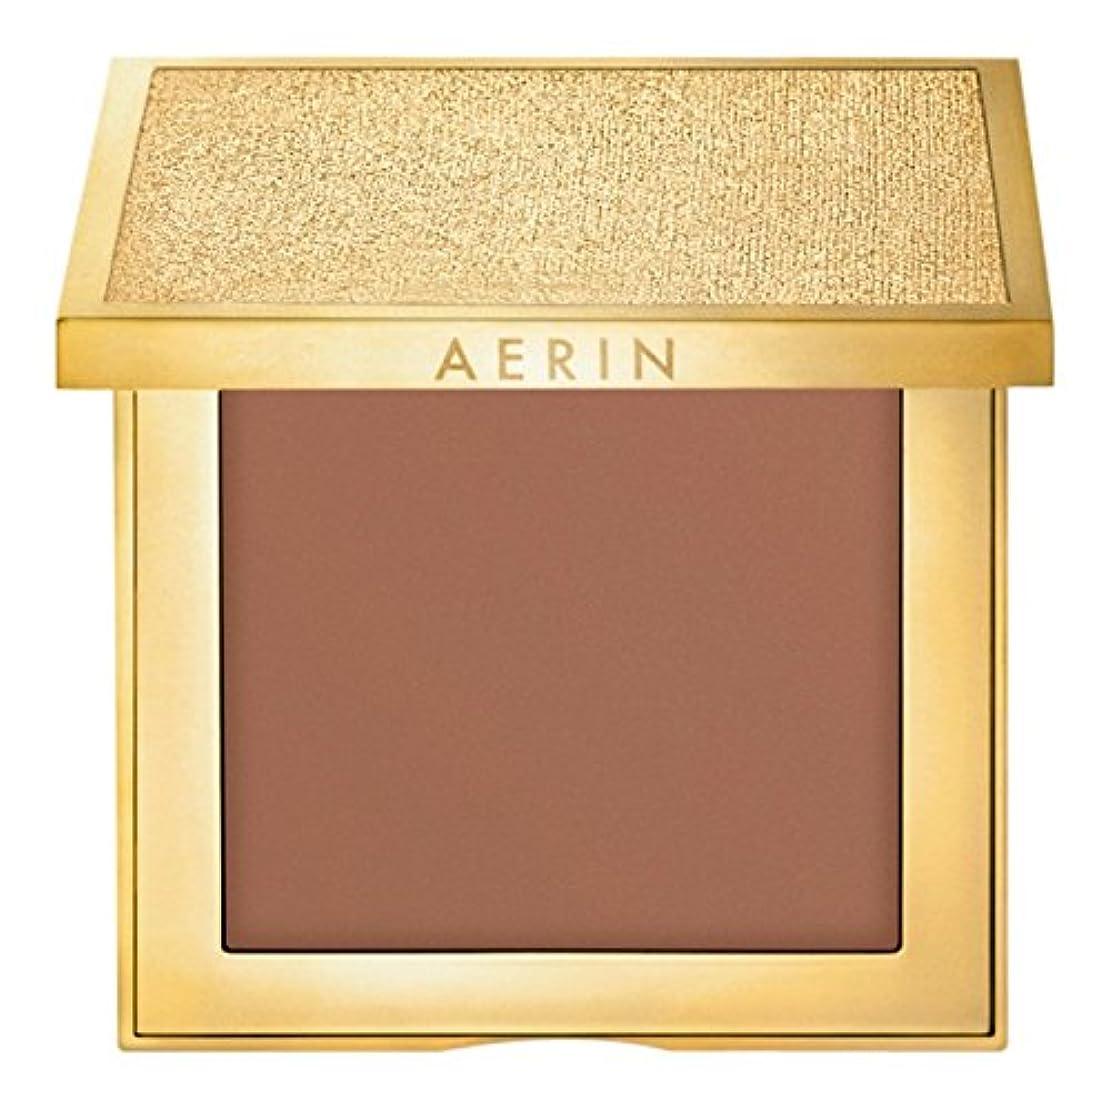 未接続干渉近似Aerin新鮮な肌コンパクトメイクアップレベル6 (AERIN) (x6) - AERIN Fresh Skin Compact Makeup Level 6 (Pack of 6) [並行輸入品]